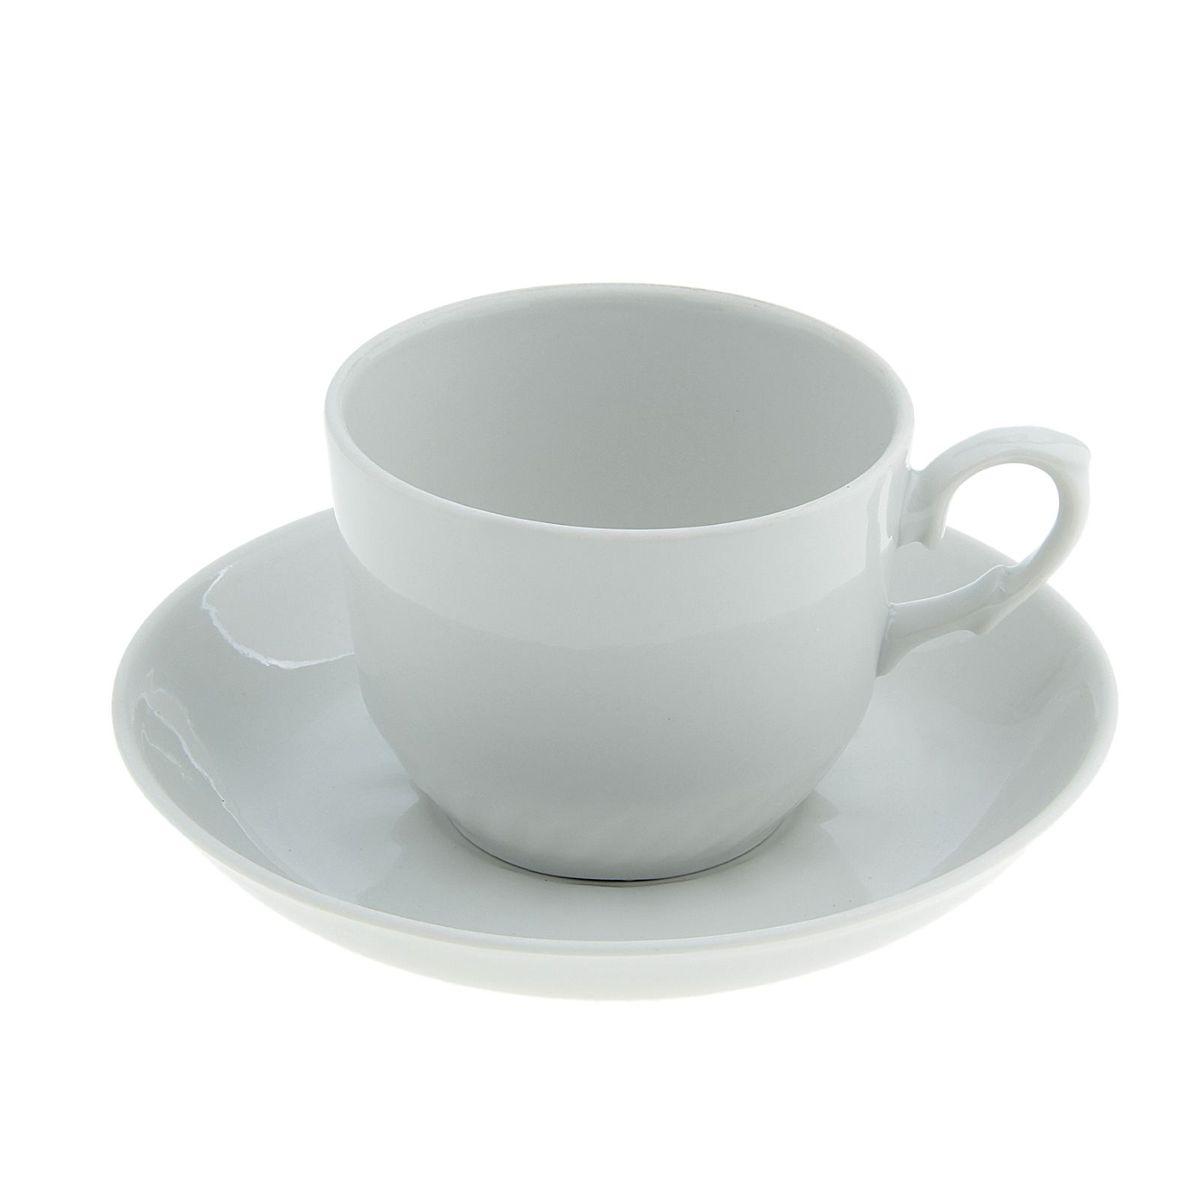 Чайная пара Кирмаш,. Белье, 2 предмета7С0181Чайная пара 250 мл (блюдце+чашка), Кирмаш, бельё 1-2сорт